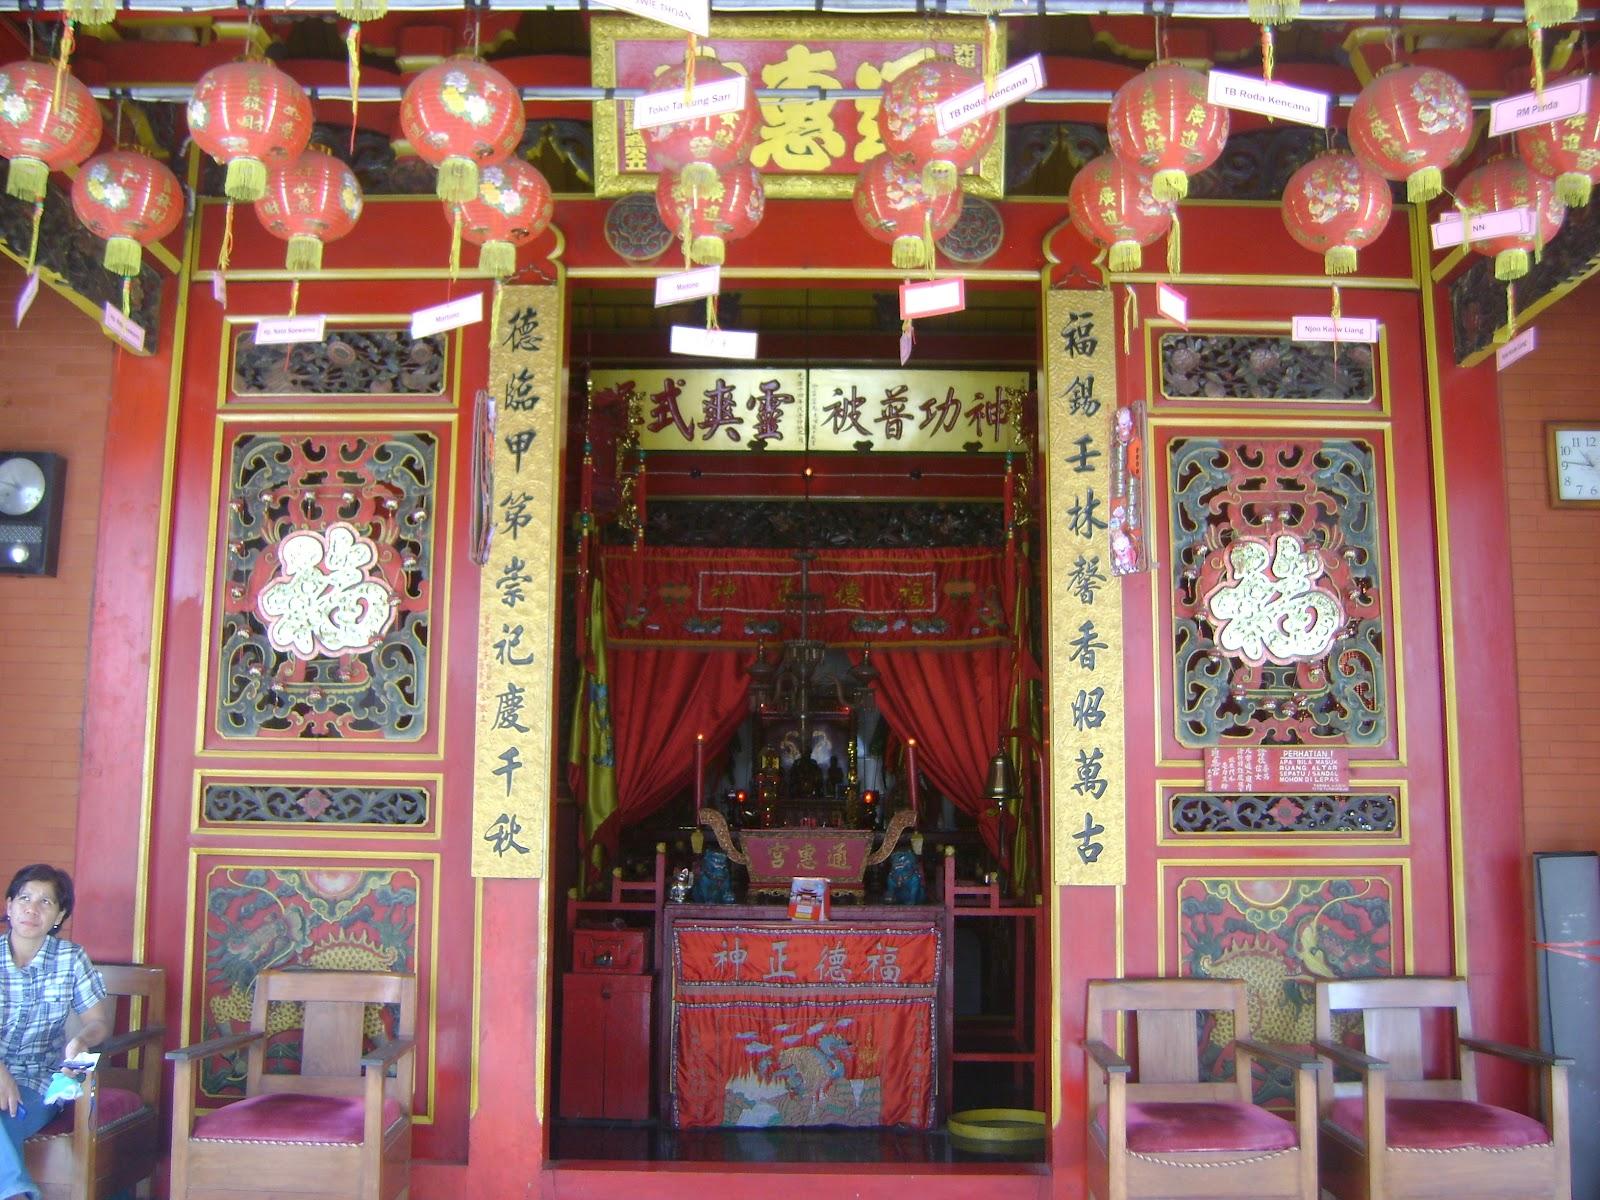 Klenteng Thong Hwie Kiong Kekunaan Terdapat Sebuah Arca Dewa Umurnya